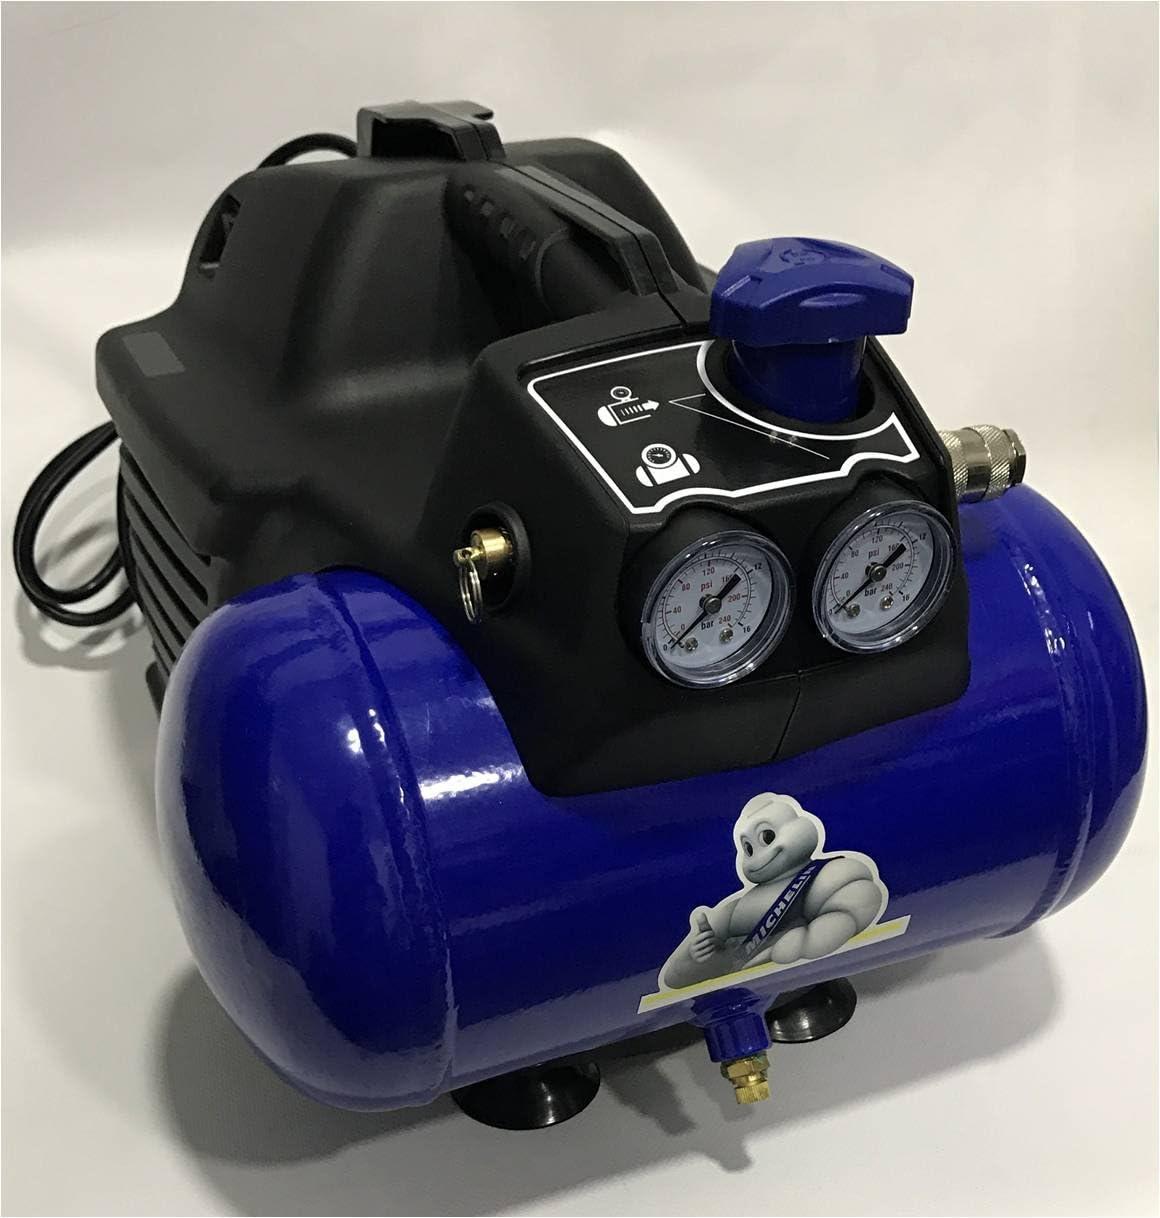 Cevik MBL6/1100 Compresor Michelin de 6 litros de caldera, sin aceite, motor de 1.5hp, AZUL Y NEGRO, 1,5 HP